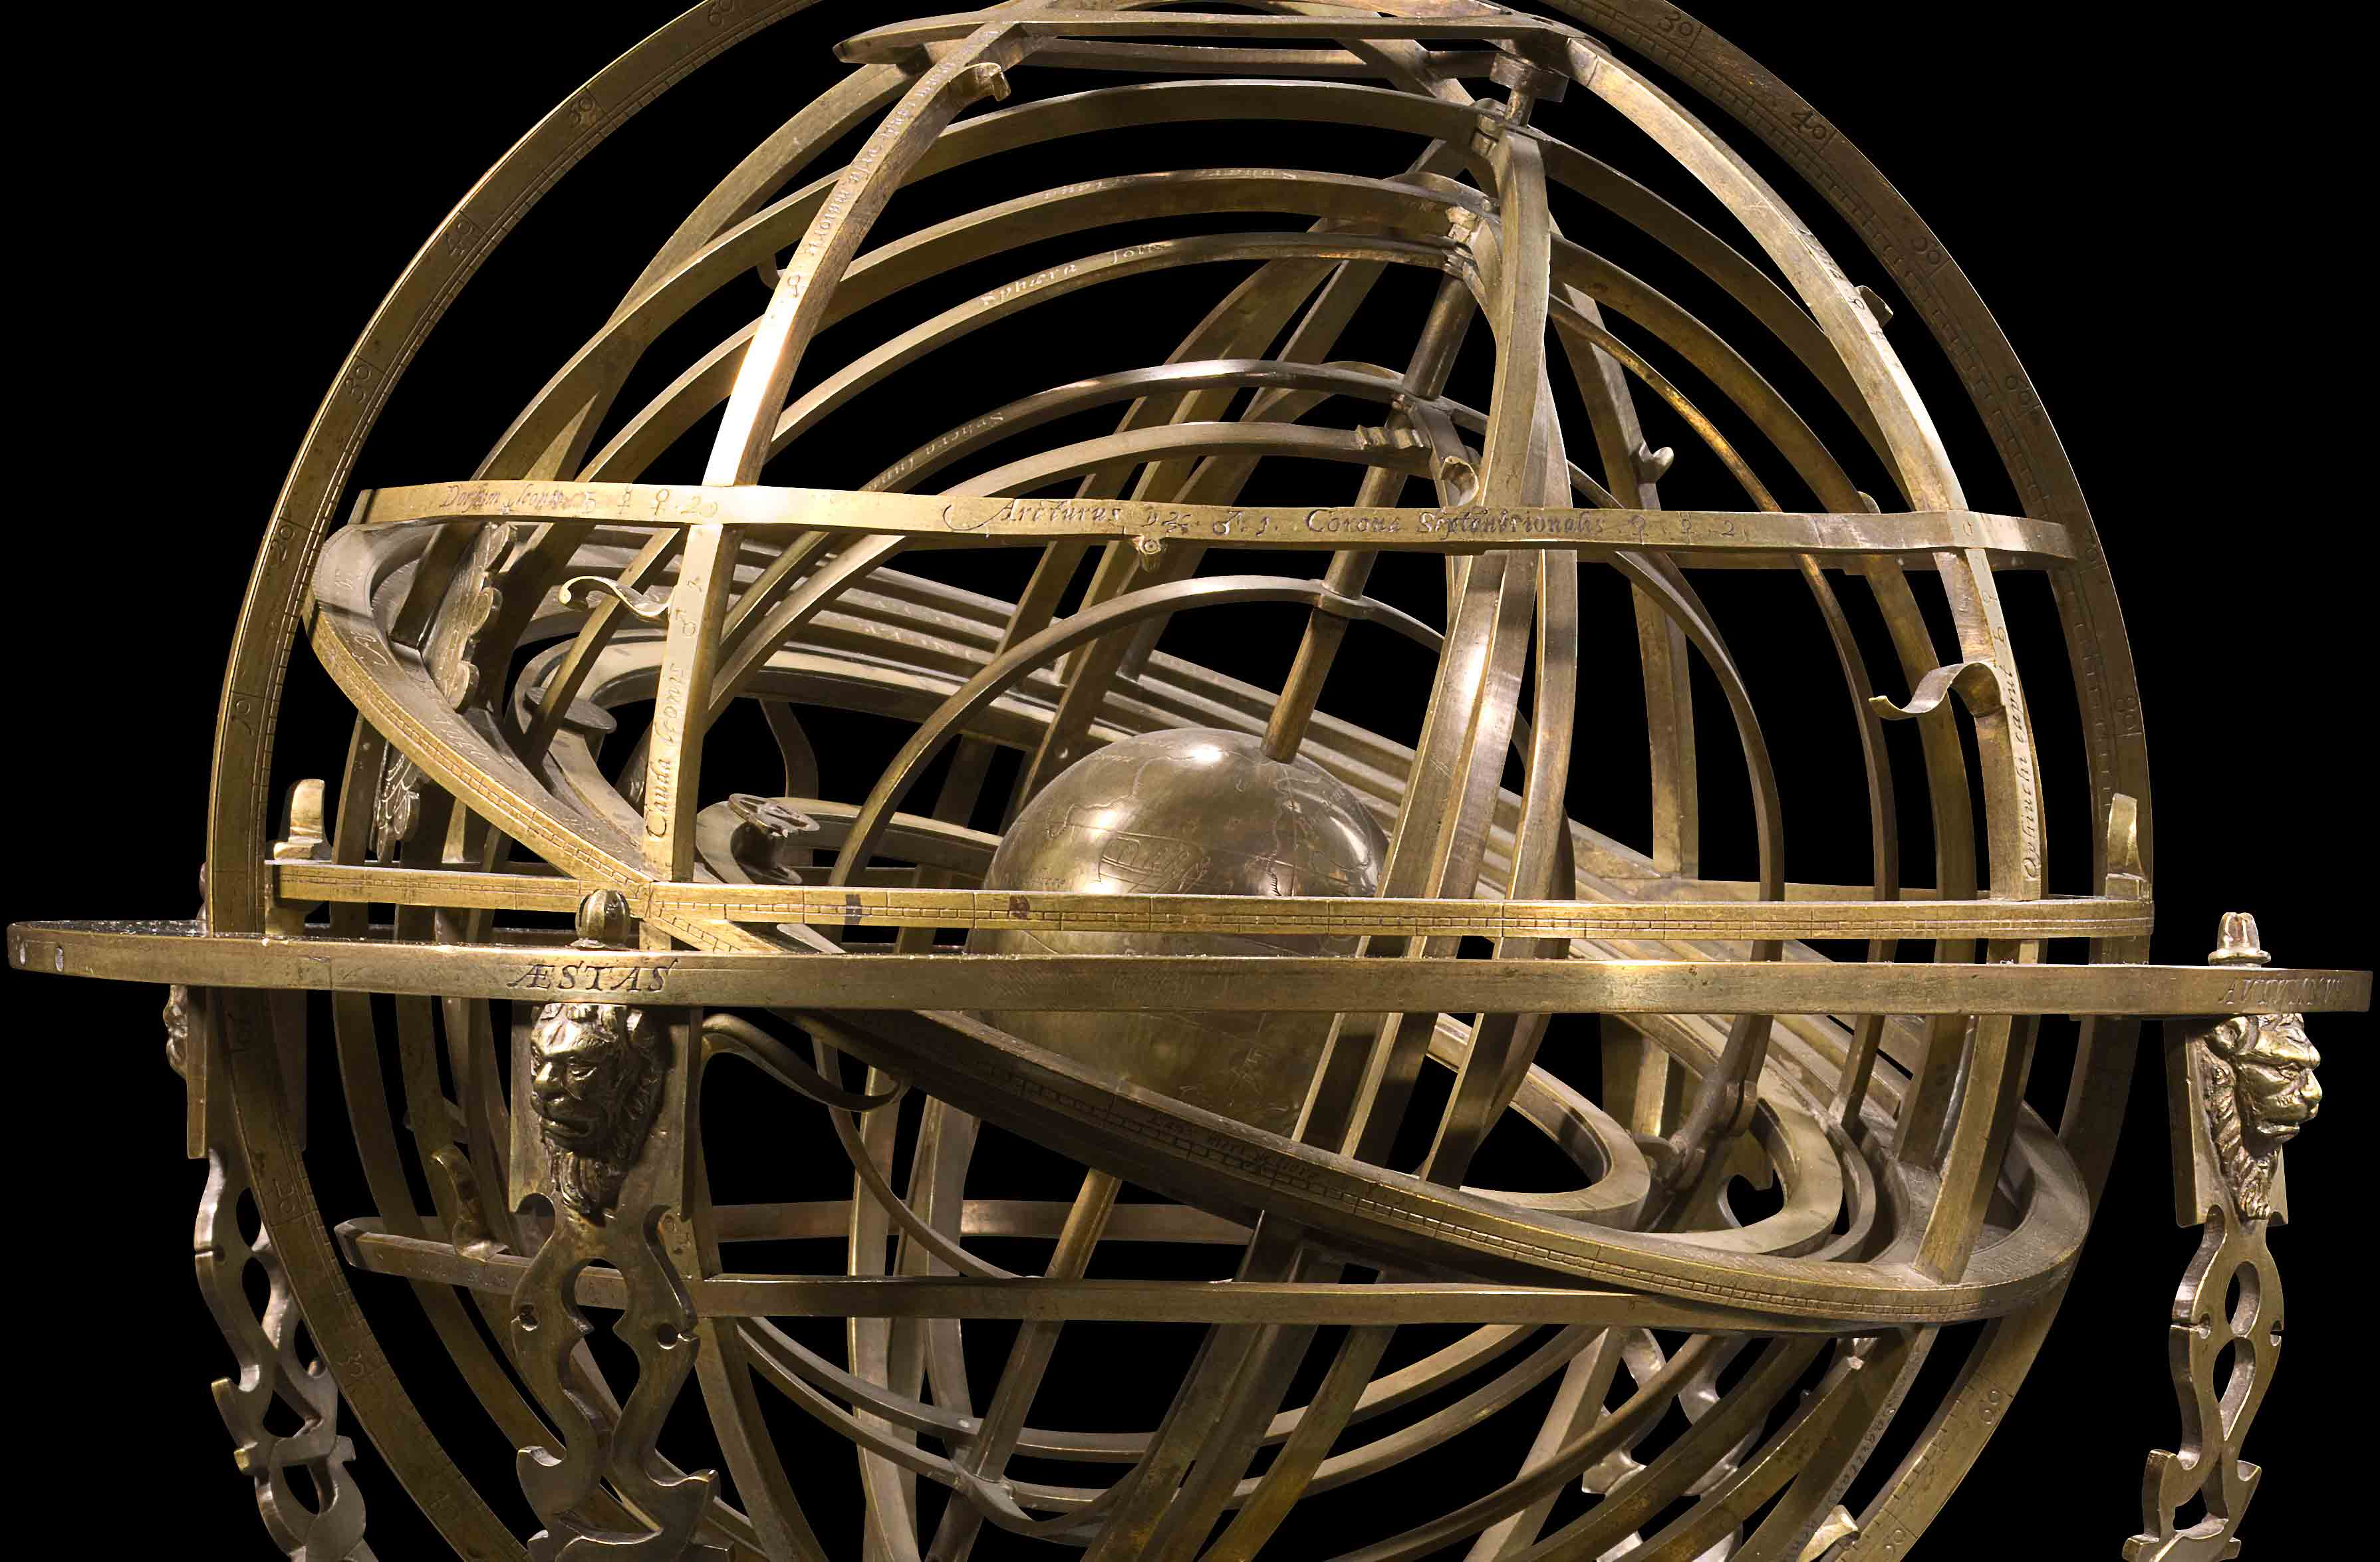 Een erg complex model van het hemel, uitgevoerd in messing. Centraal de aarde, daarrond vele ringen die de beweging van maan, zon en sterren voorstellen.